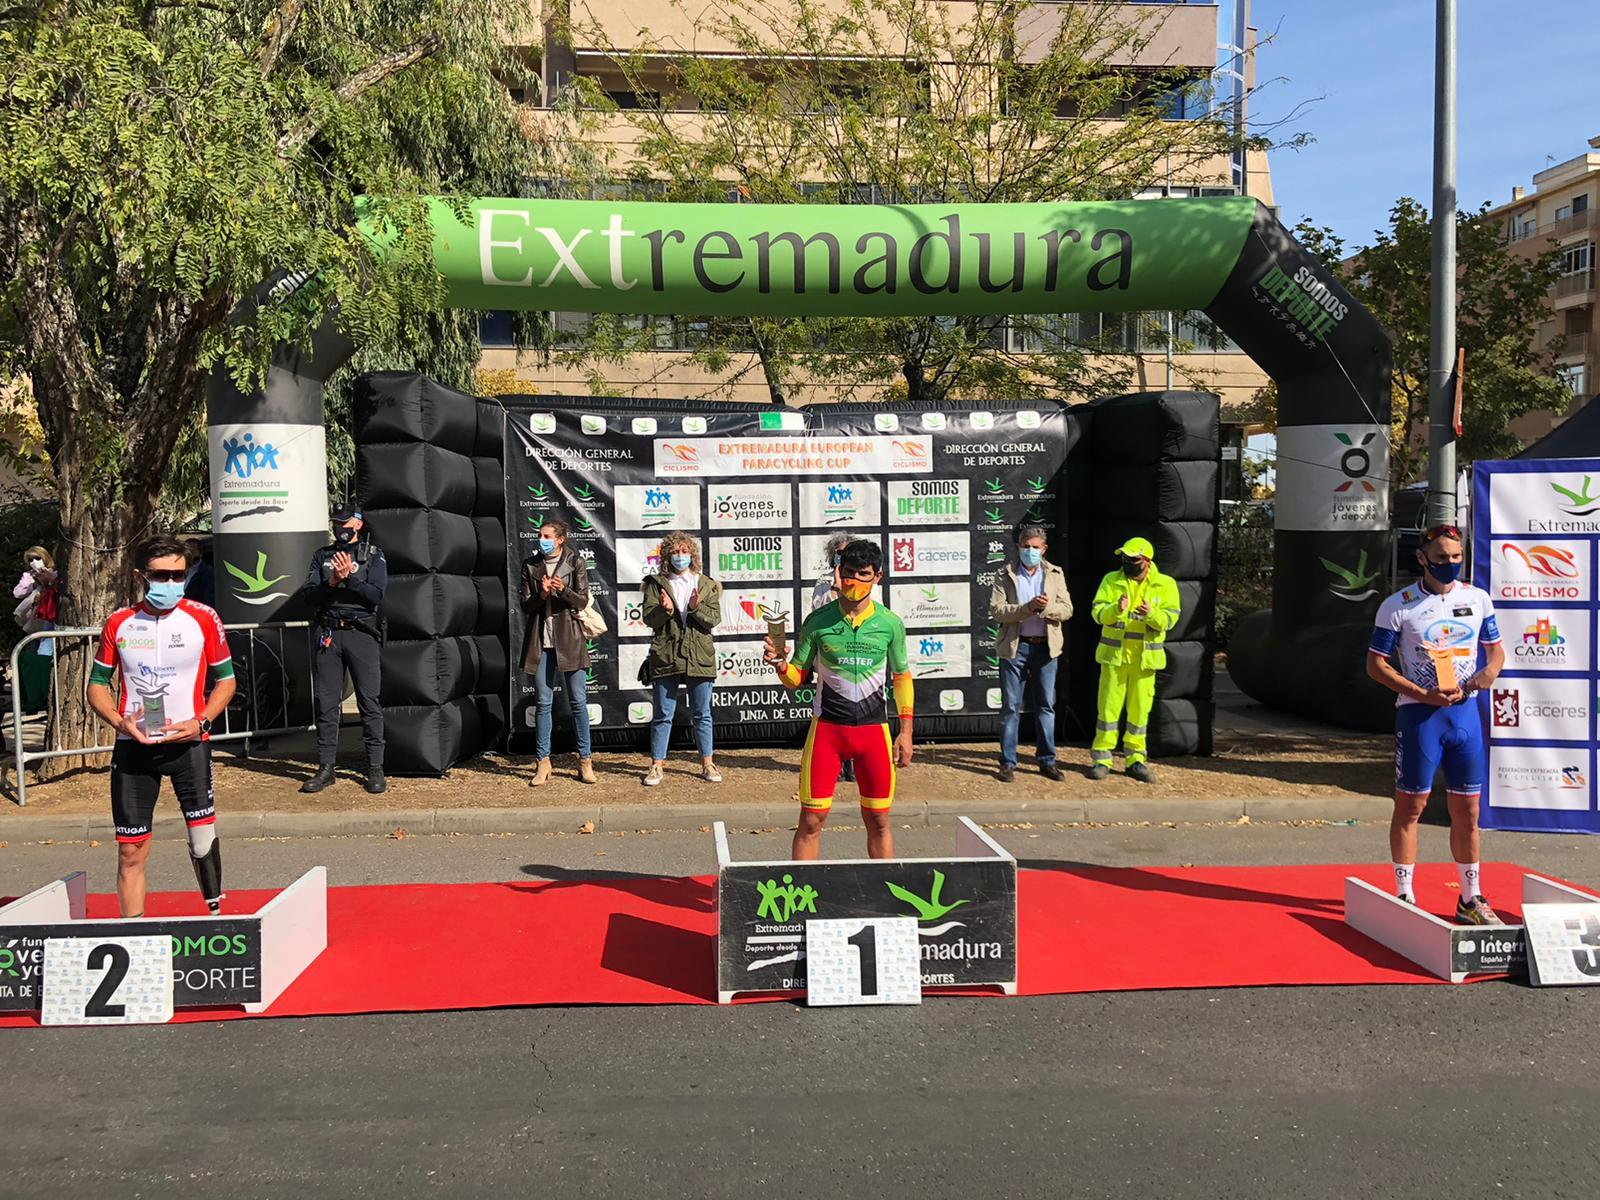 La Selección Española cierra con gran éxito la Extremadura European Paracycling Cup